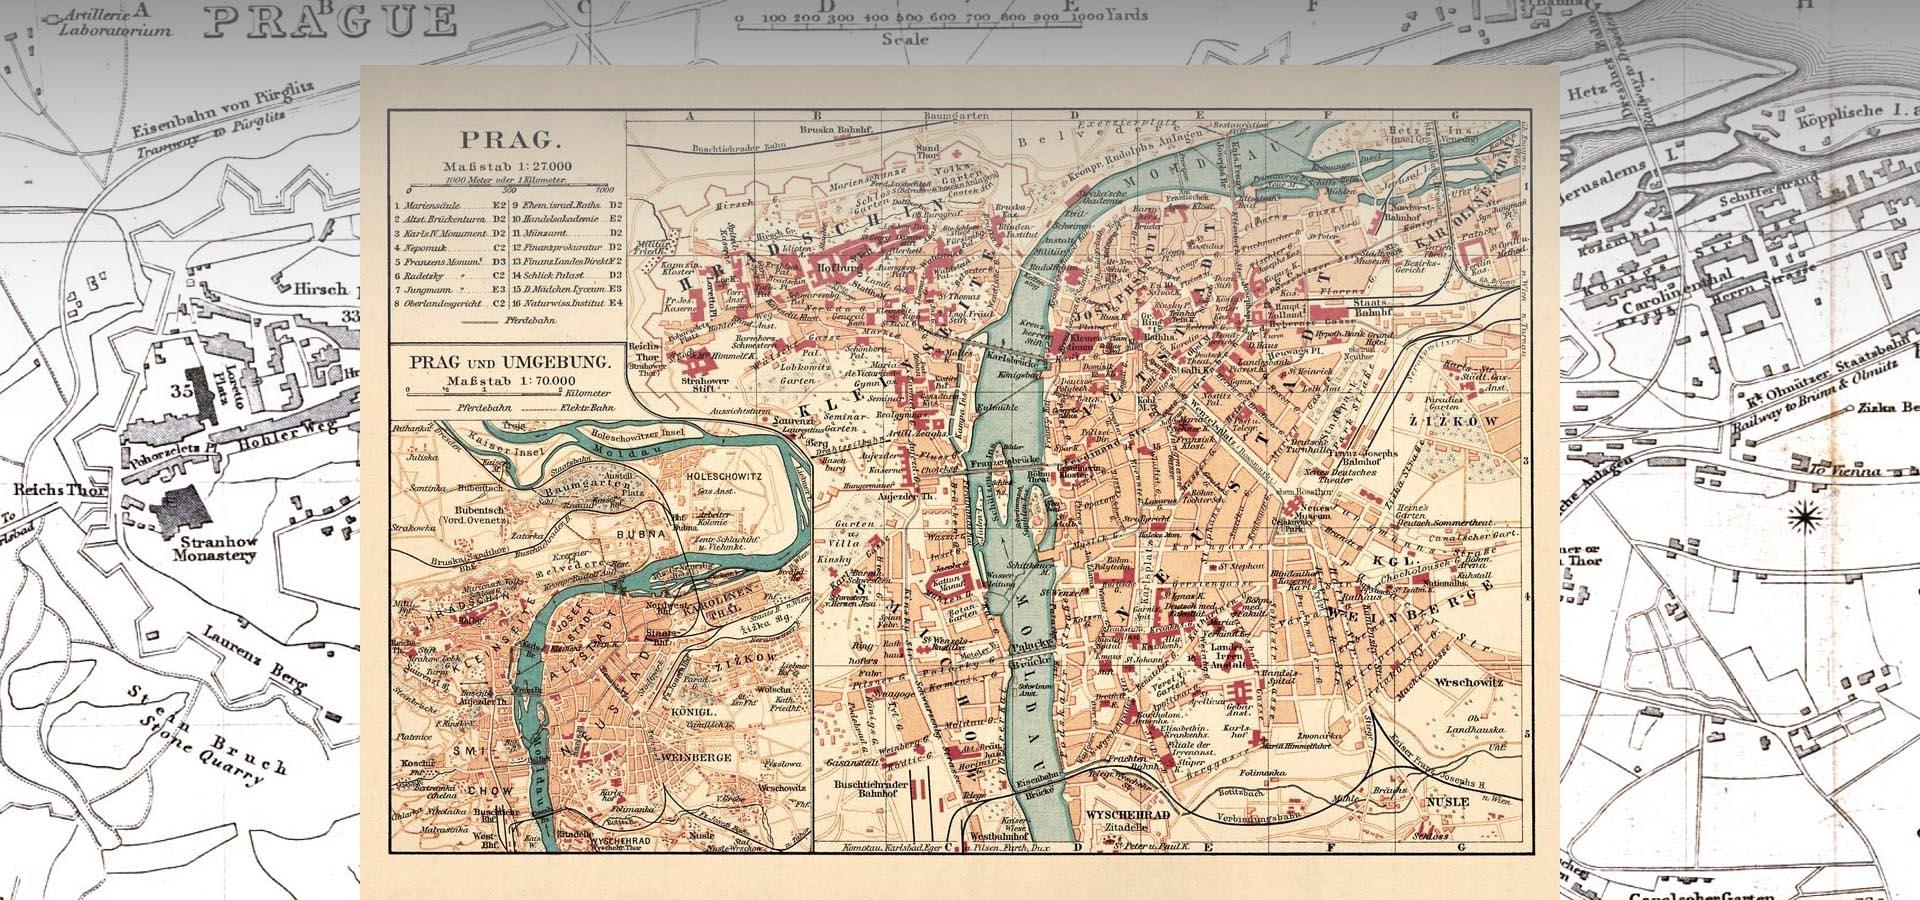 mapa-prahy-pension-prague-city